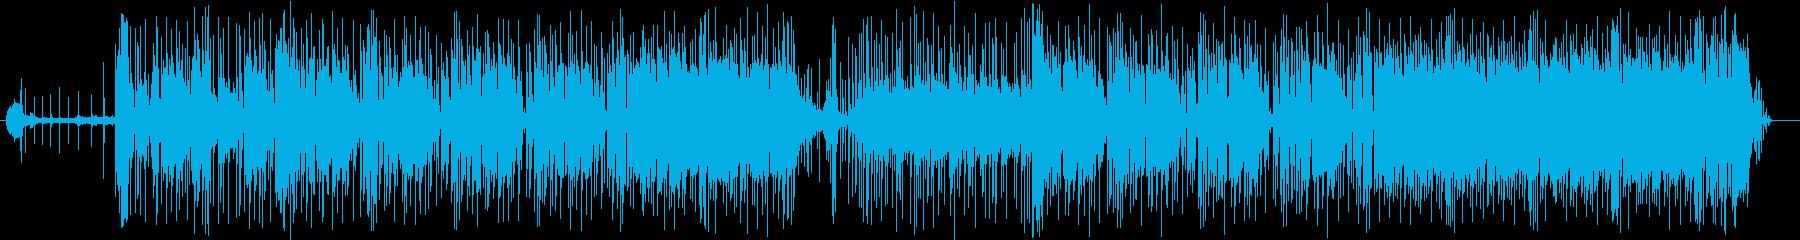 奇妙で不思議な緩やかビートサウンドの再生済みの波形